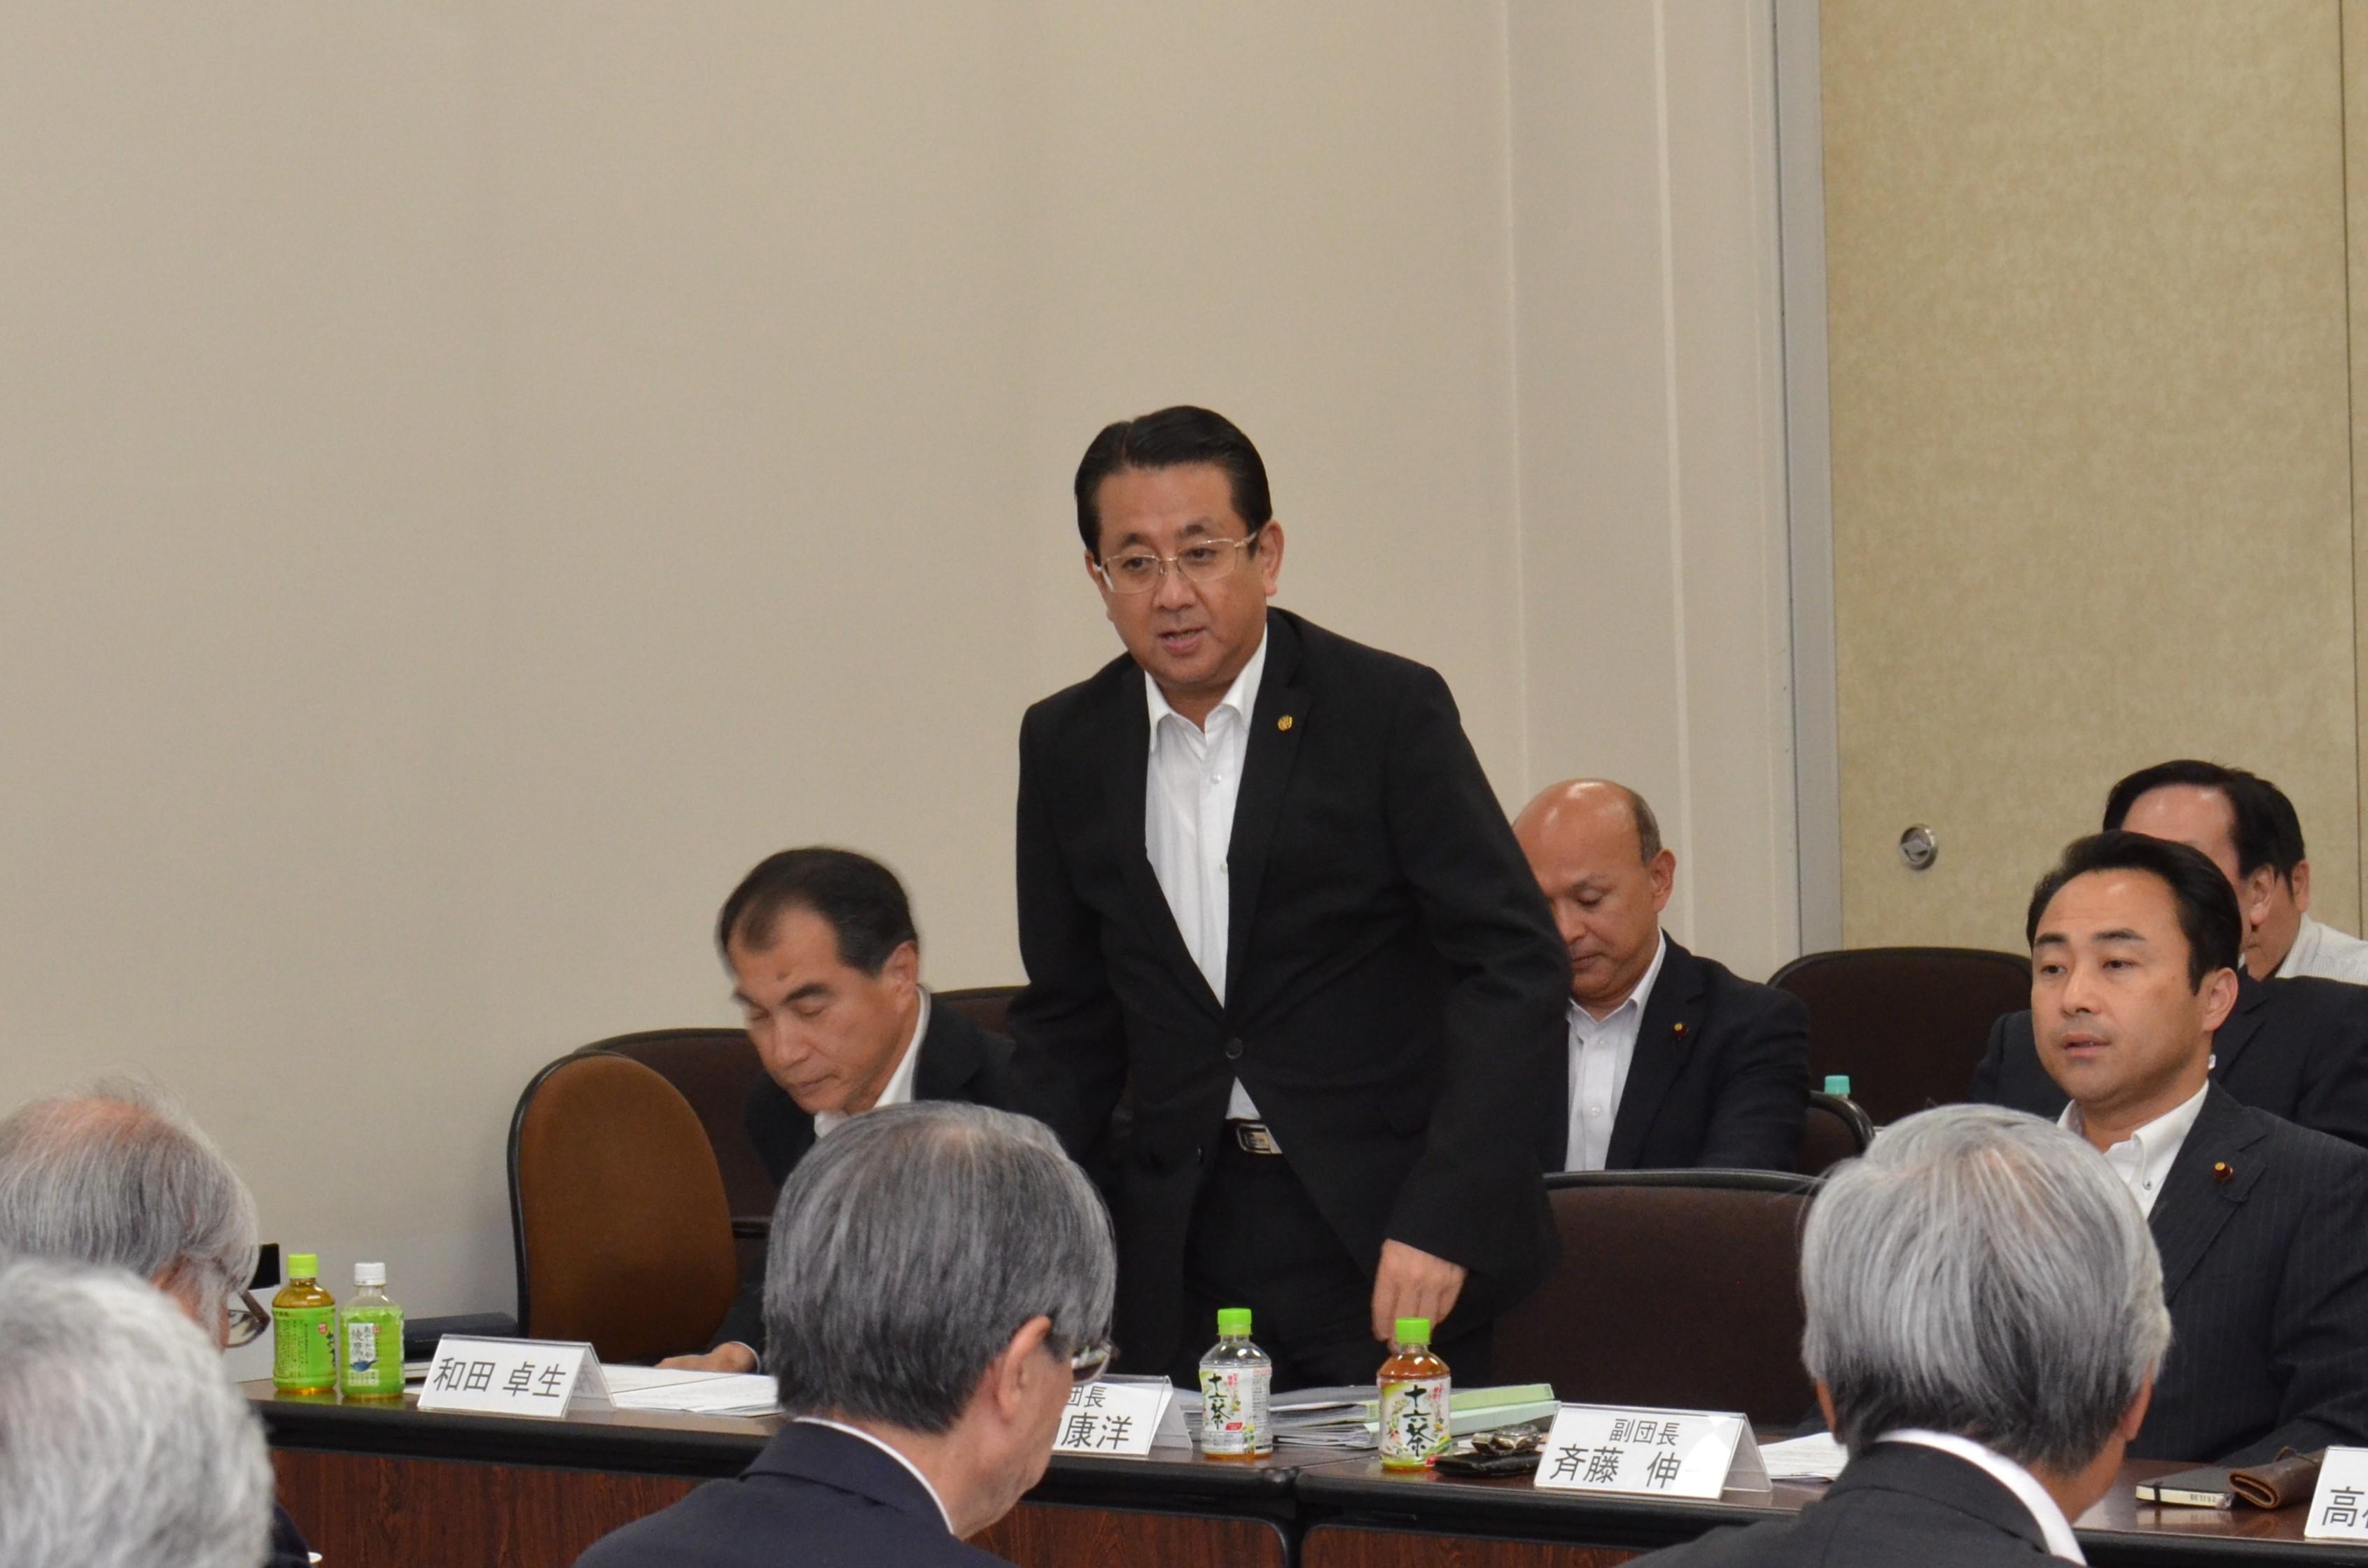 横浜市公明党 政策懇談会